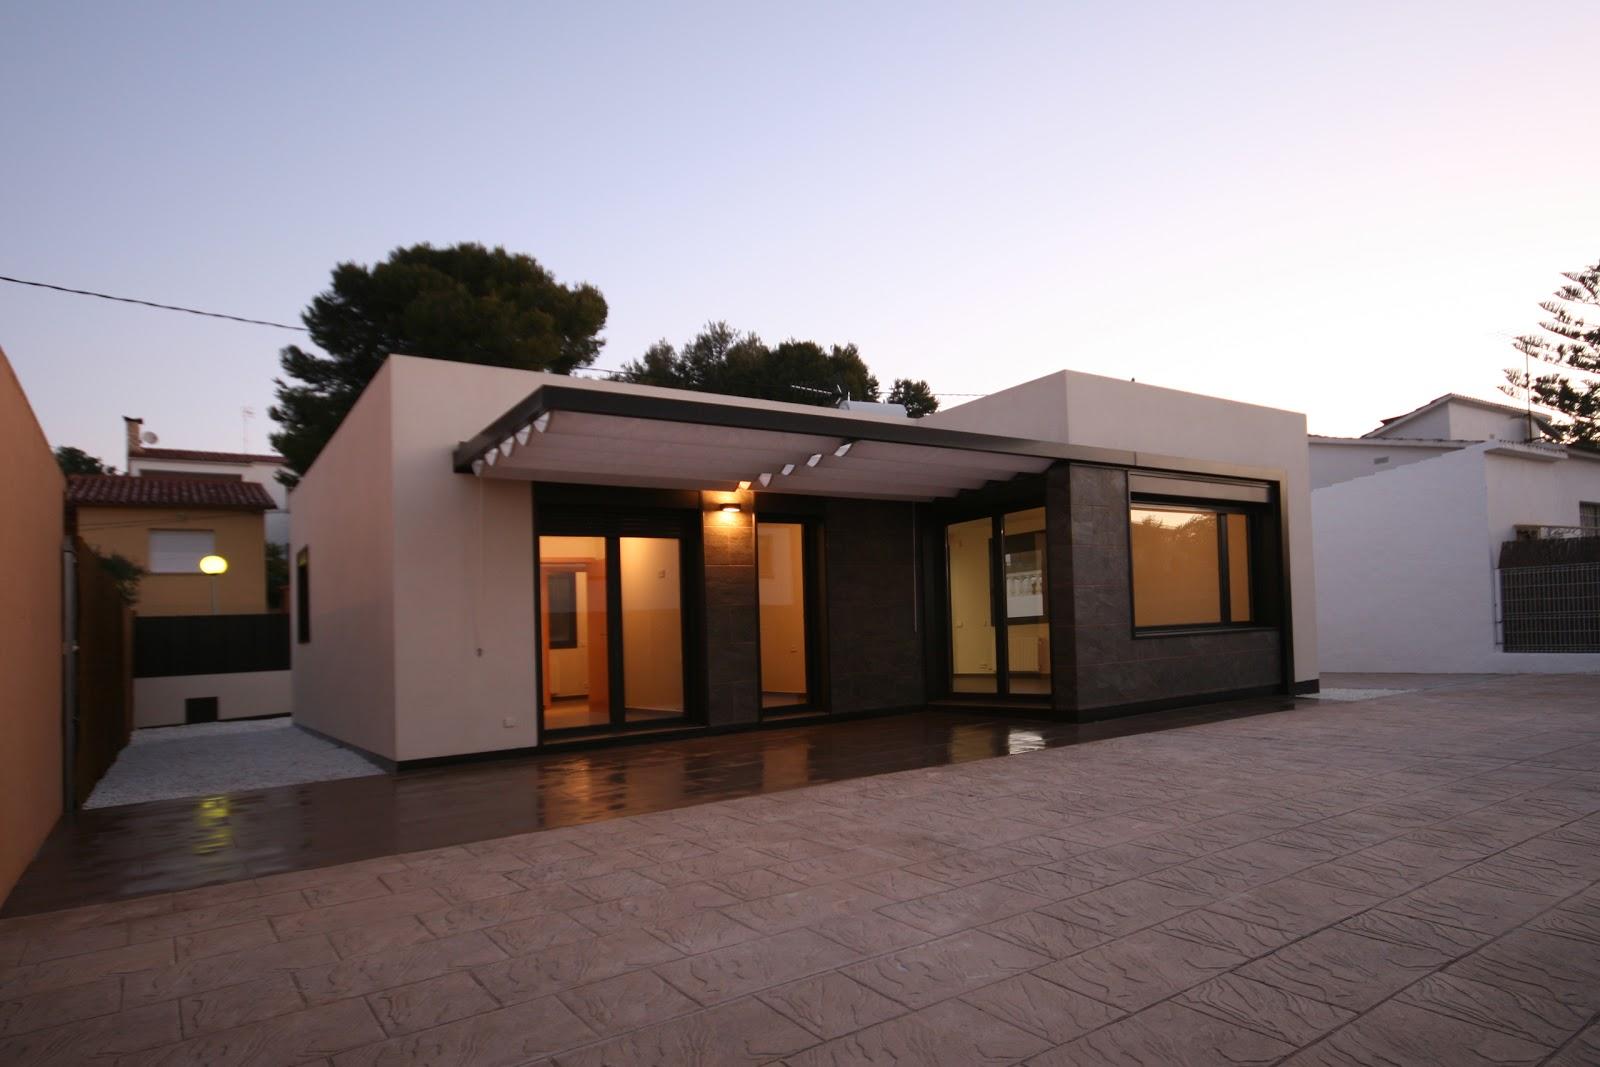 Casas modulares blochouse casas modulares blochouse - Casas planta baja modernas ...